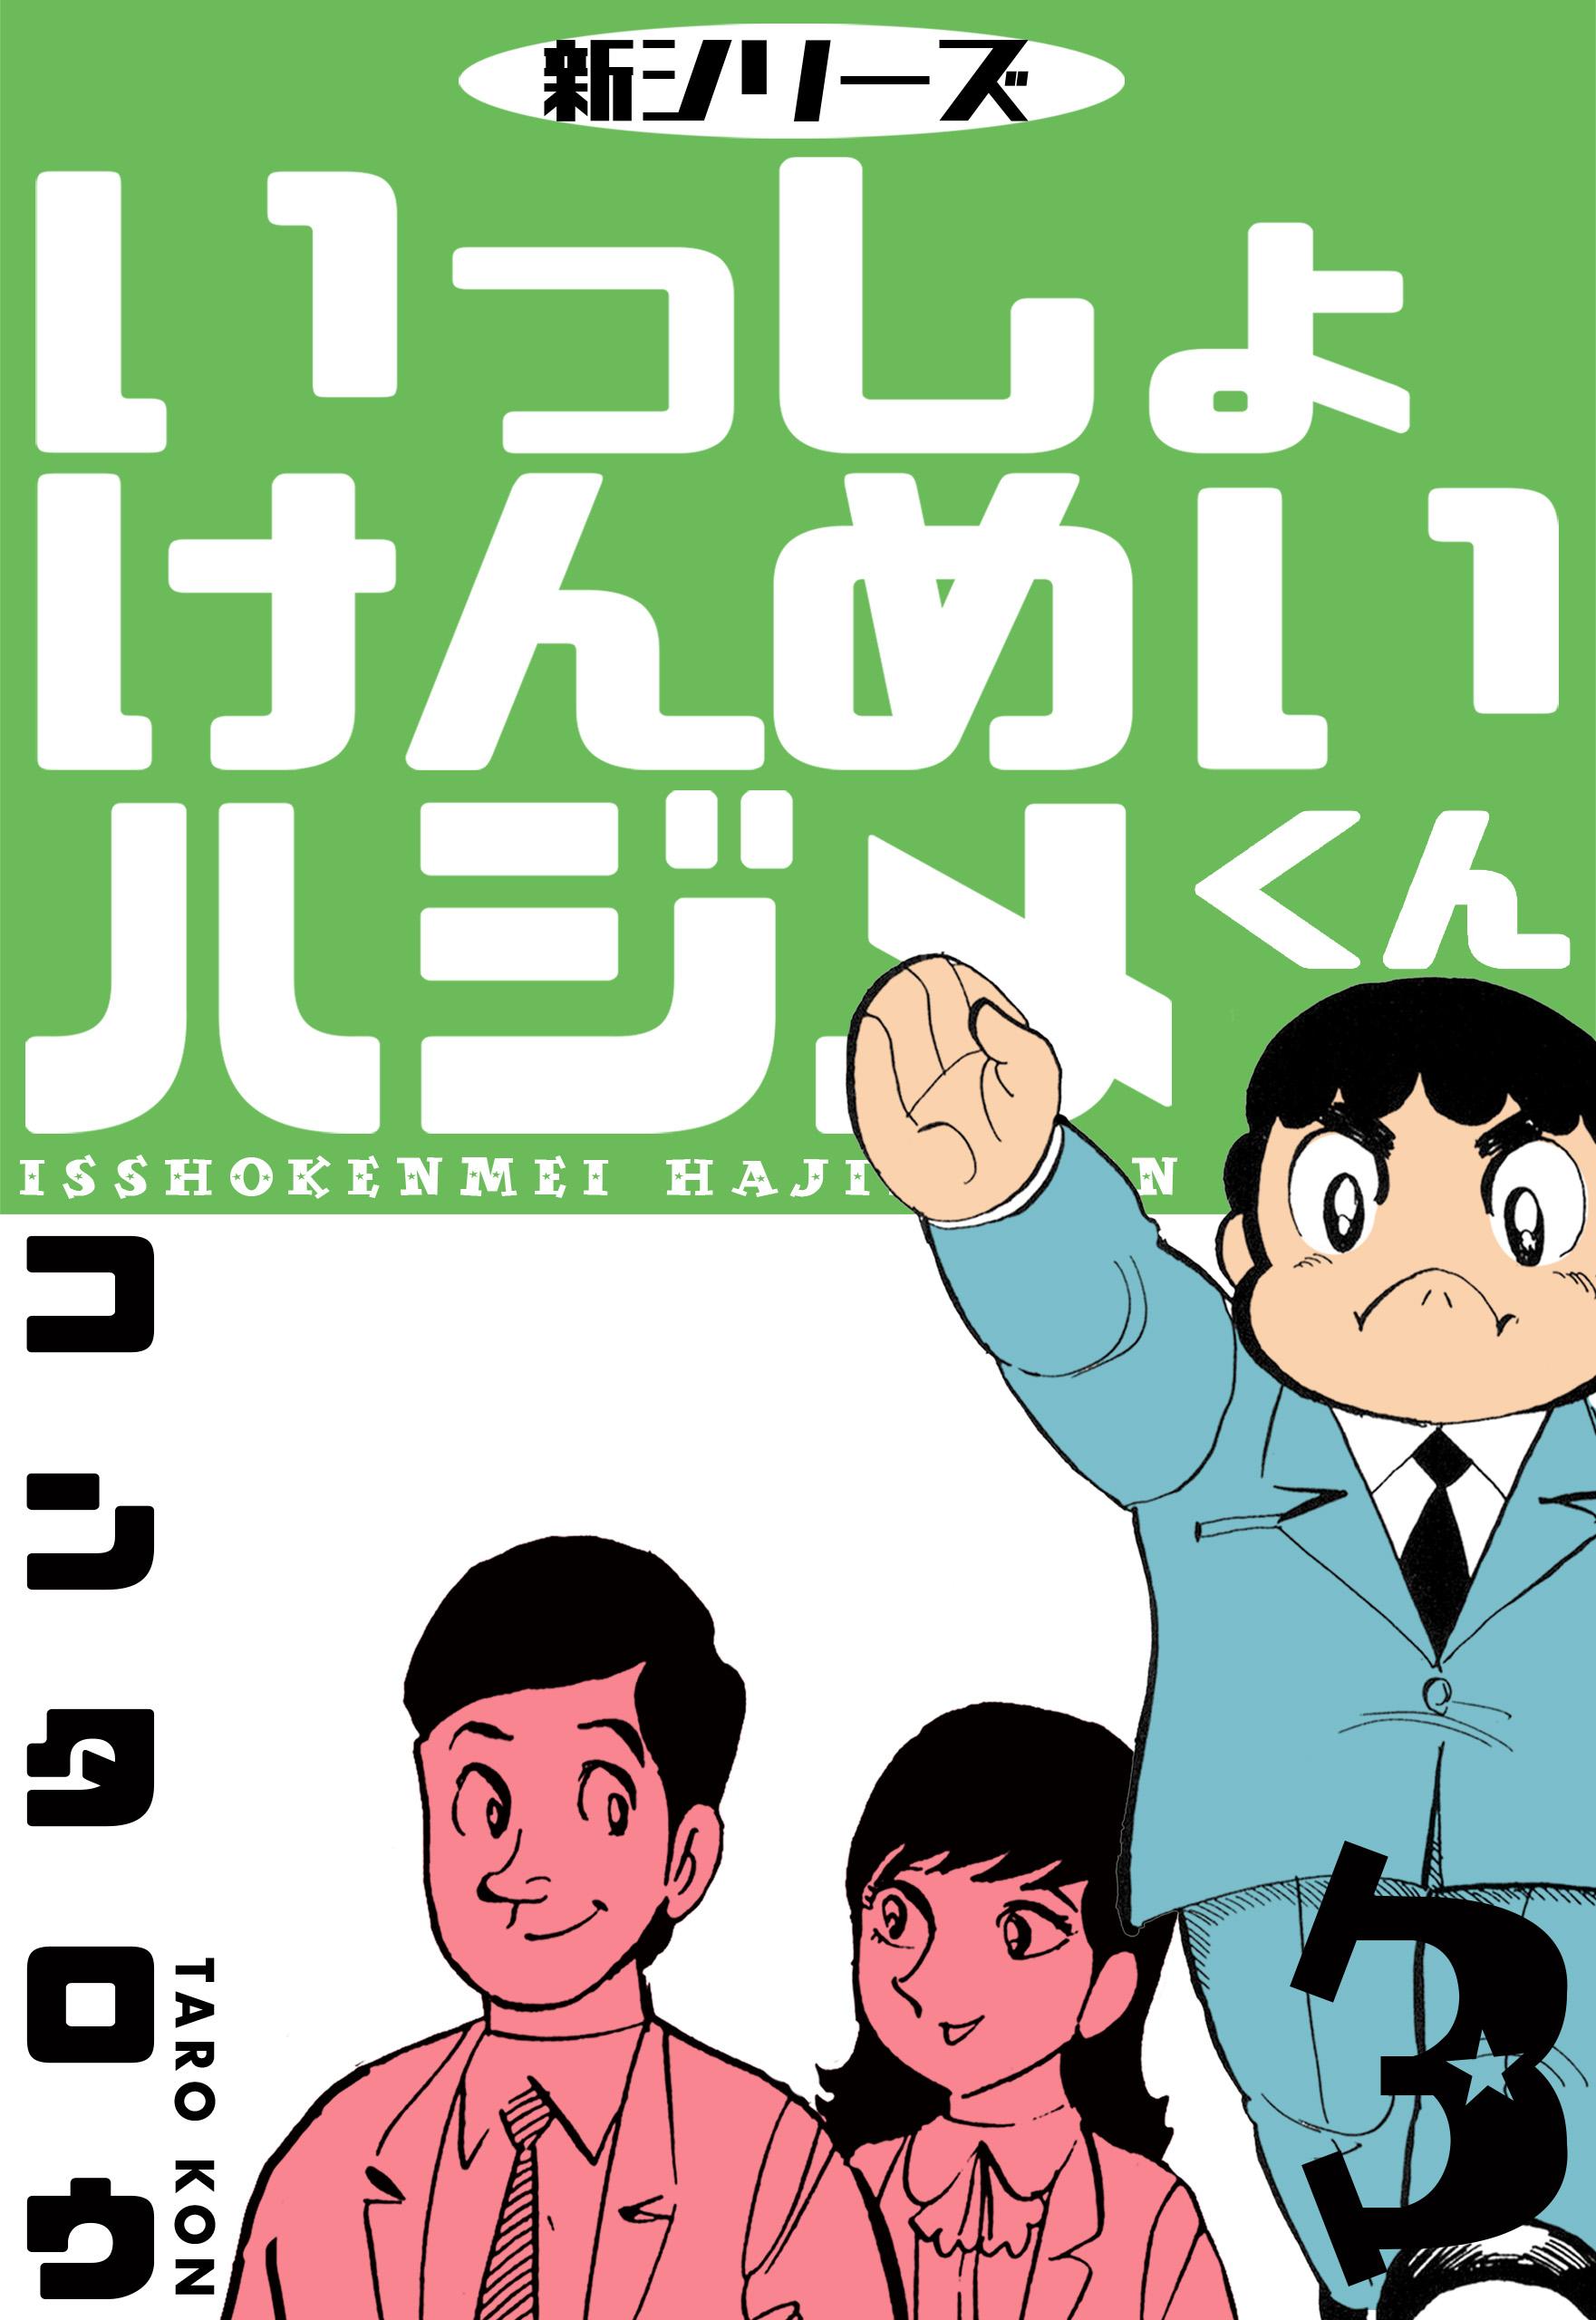 新シリーズ いっしょけんめいハジメくん(第3巻)